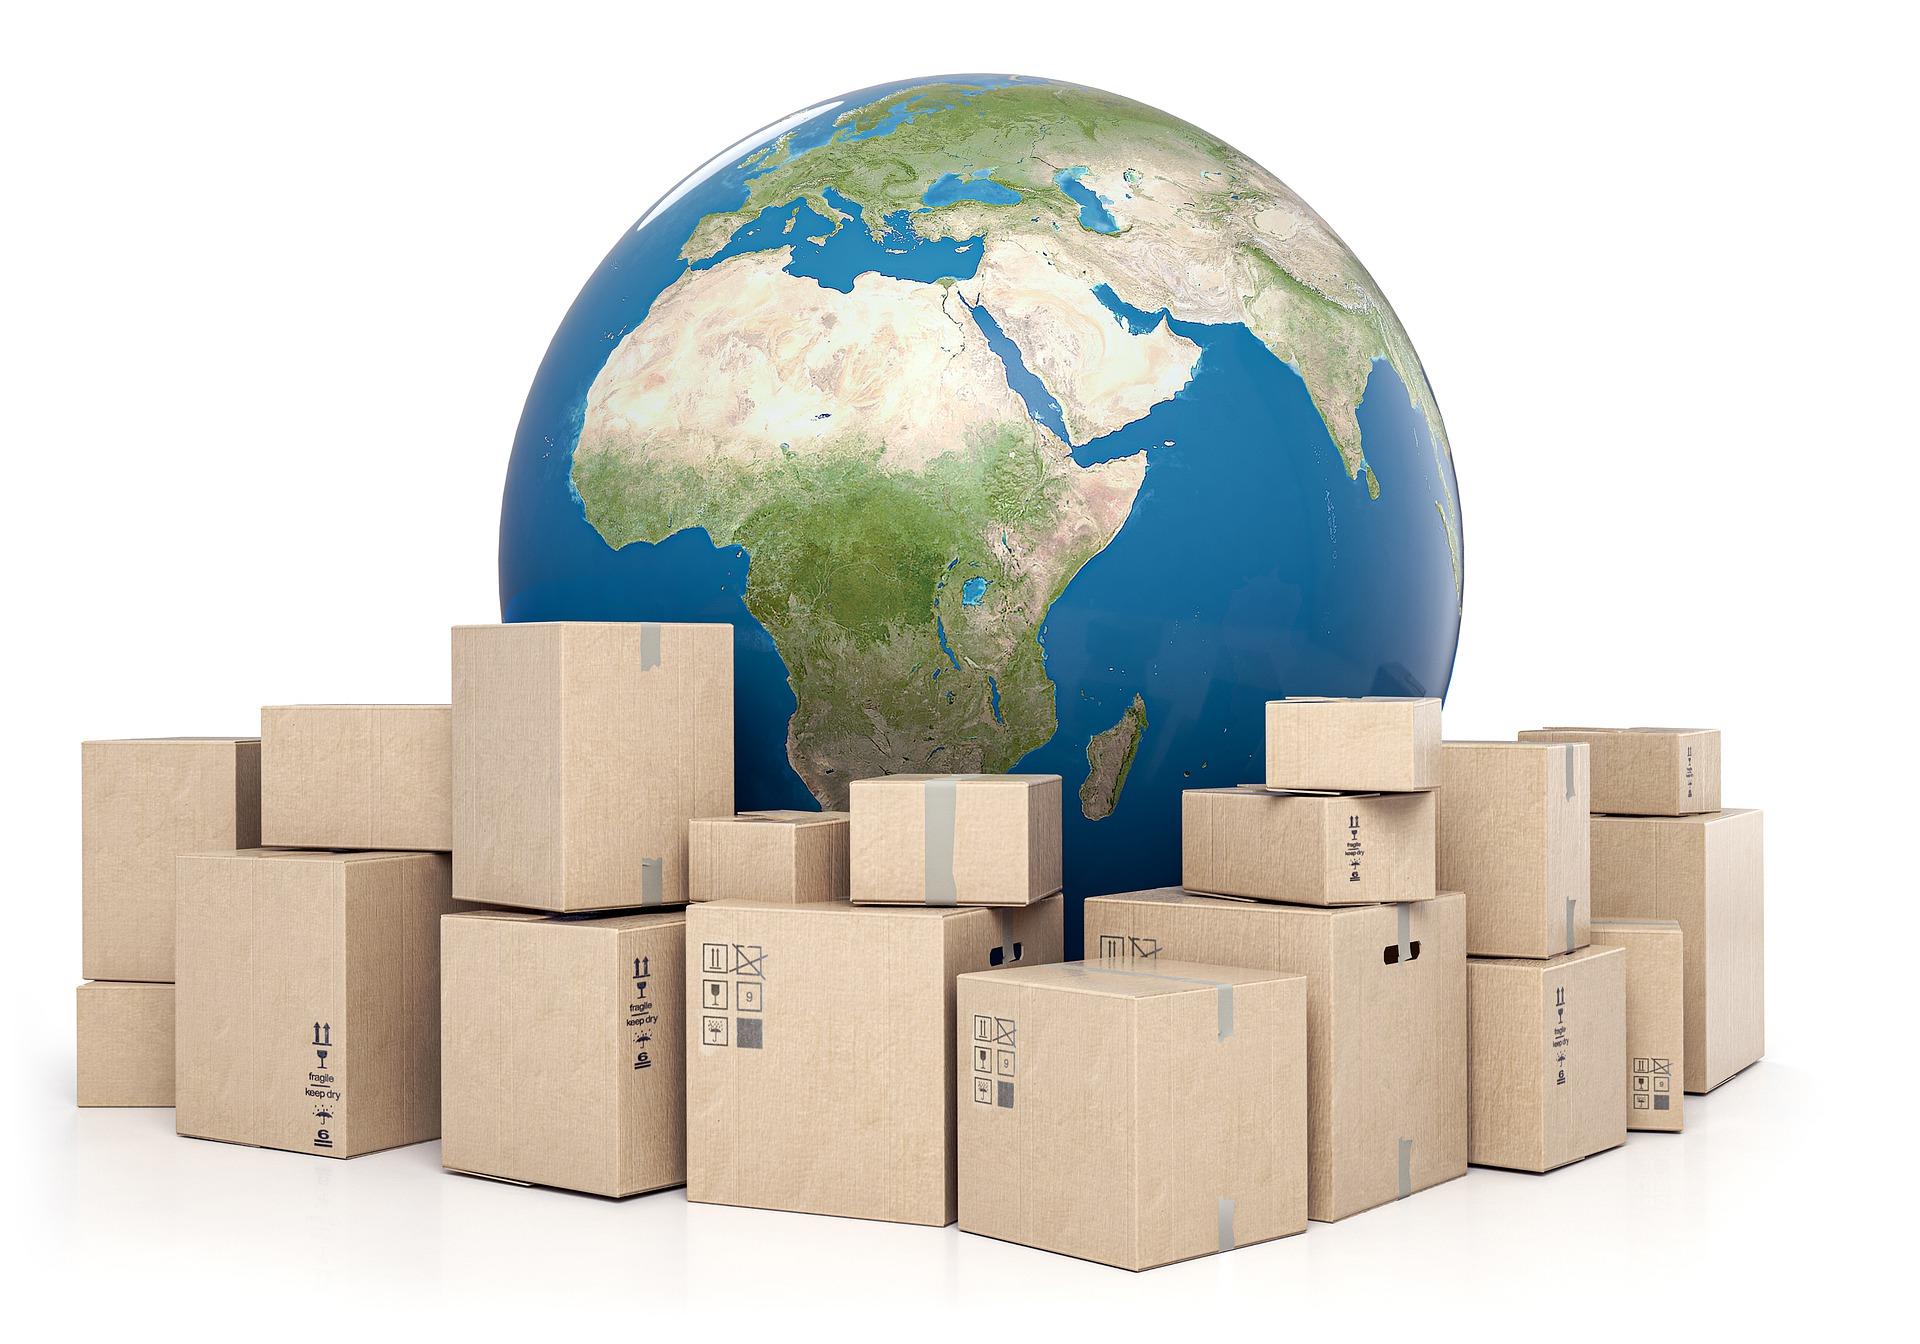 Onlineshop Paketversand Vergleich Versandlösungen